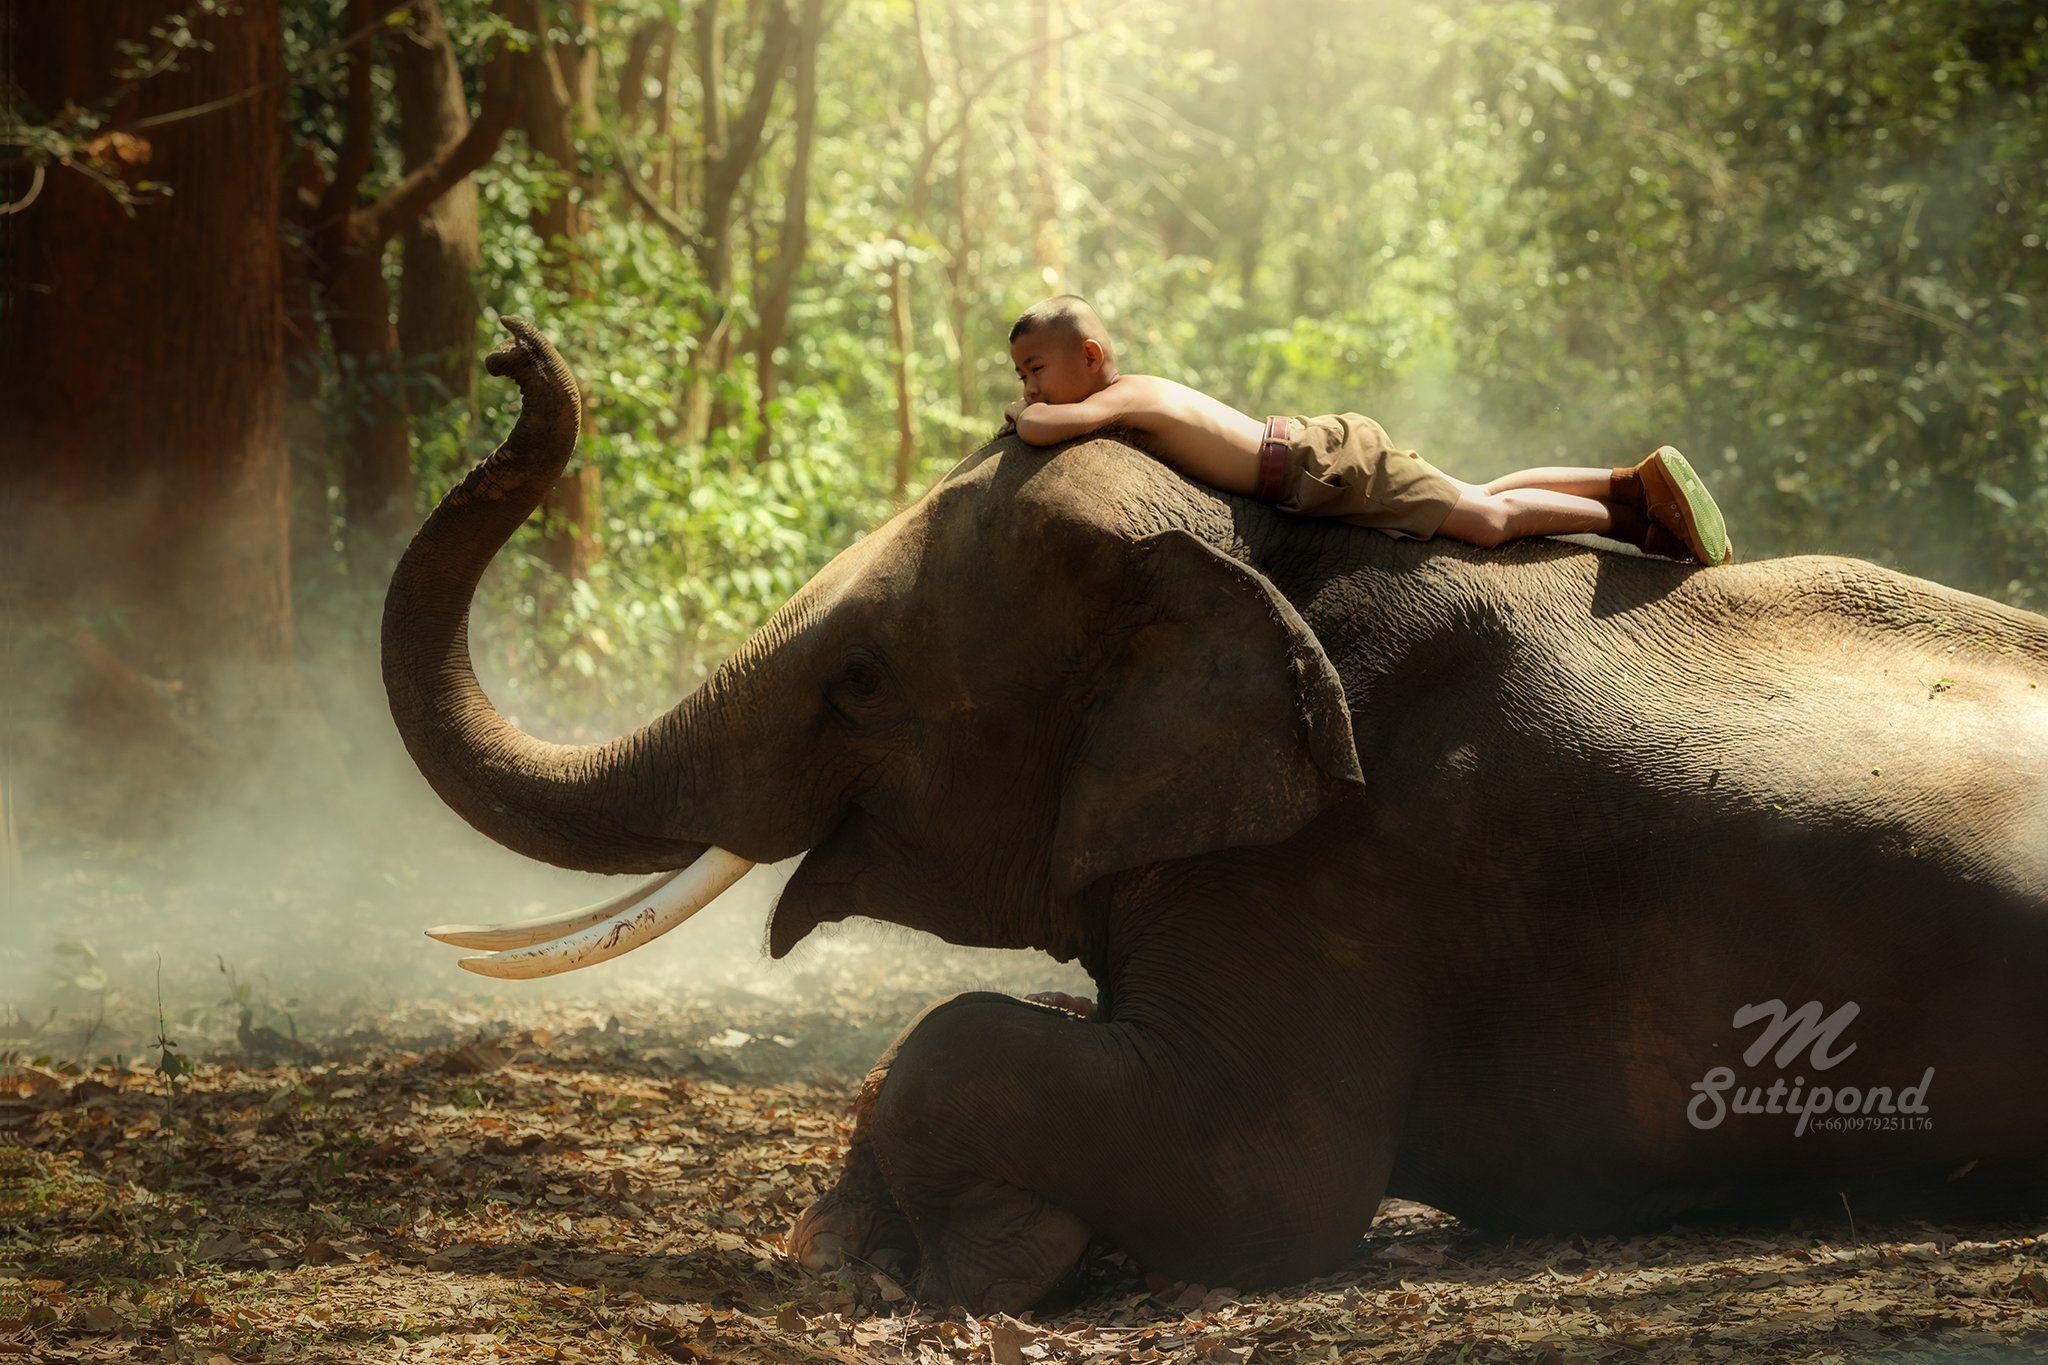 elephant,child,boy,sleep,thailand,portrait,person,, SUTIPORN SOMNAM